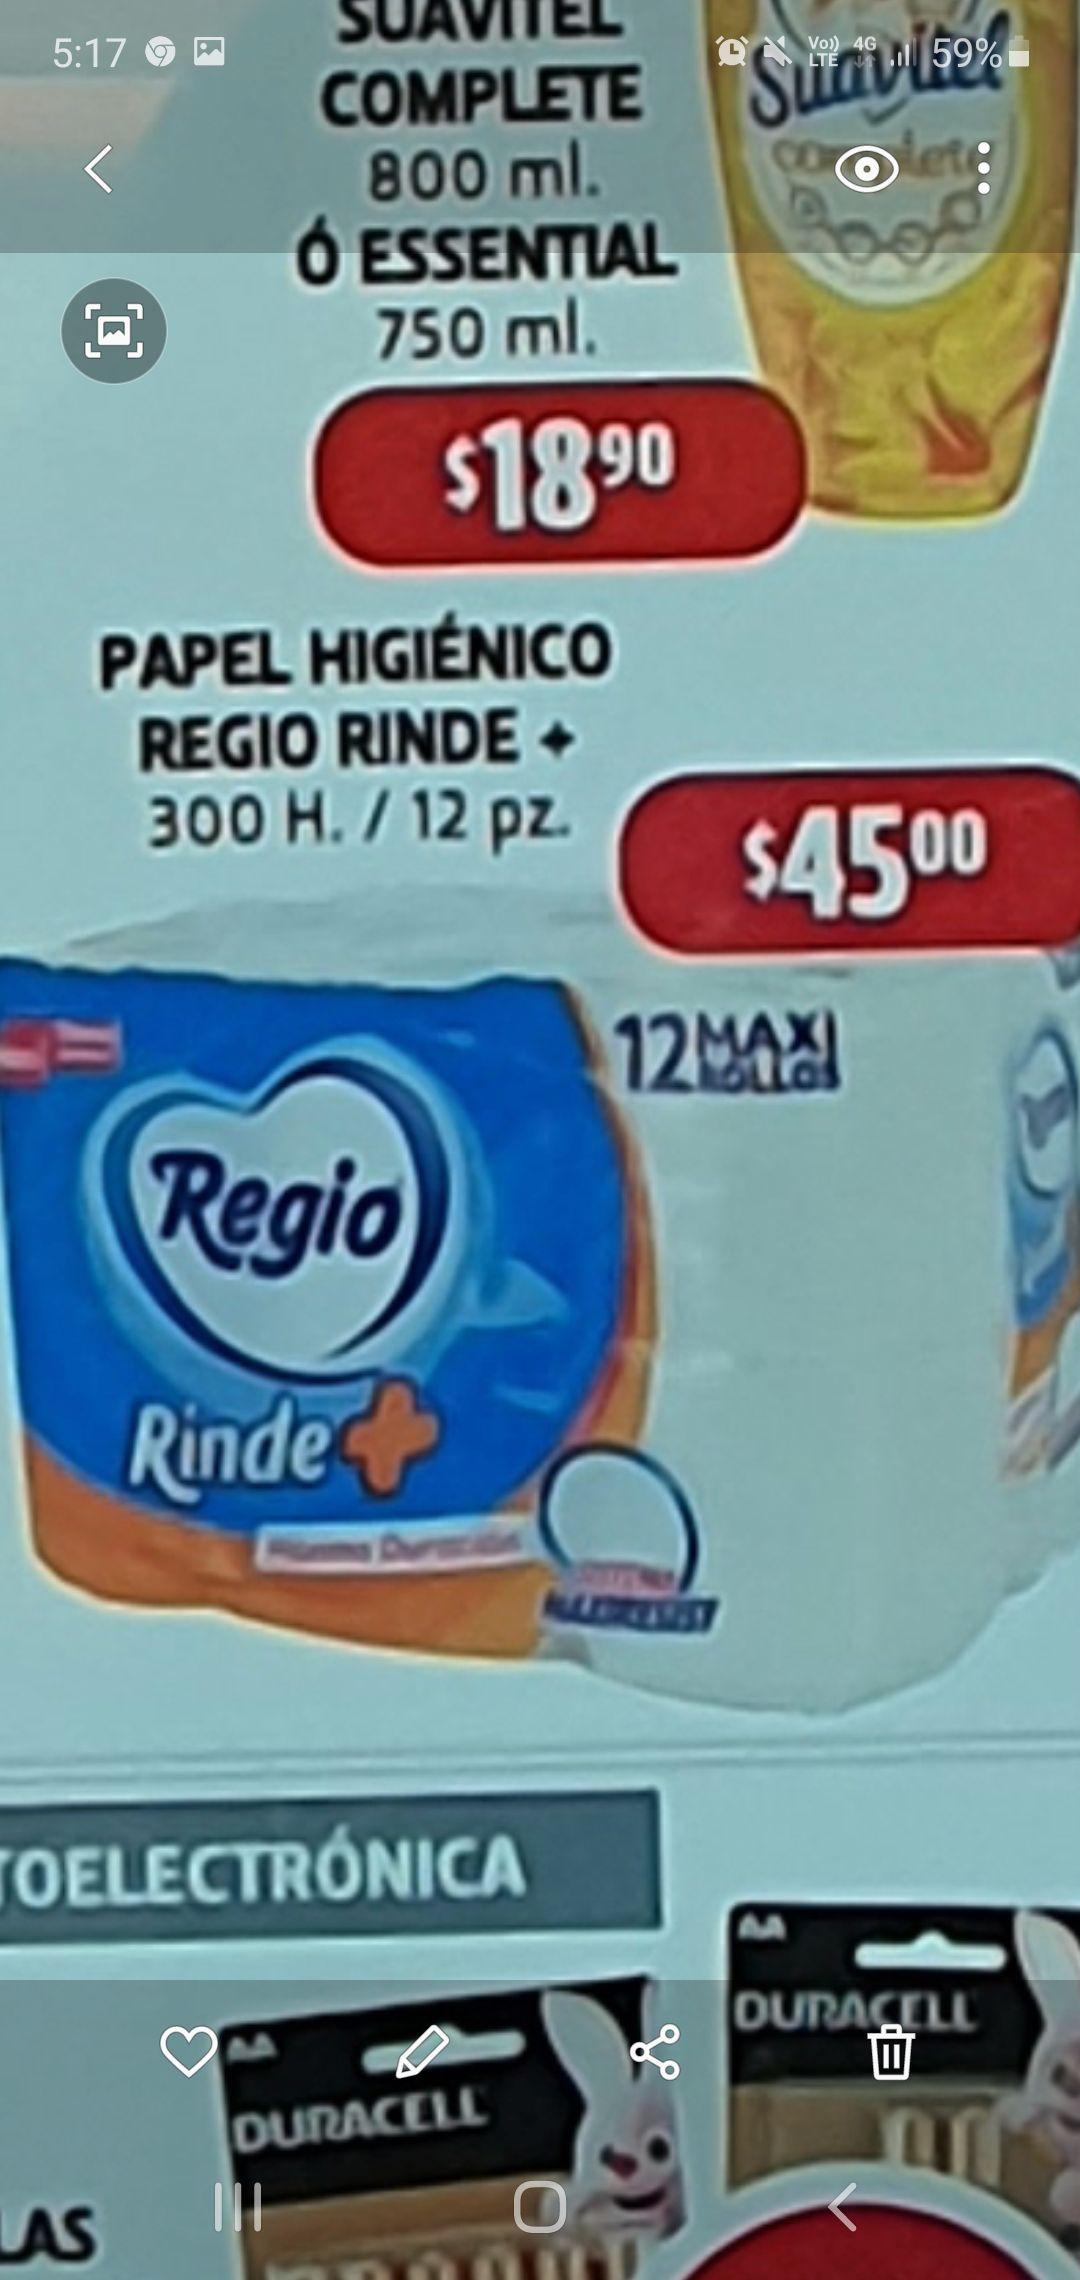 Farmacia guadalajara papel regio rinde + 12 rollos 300 hojas c/u